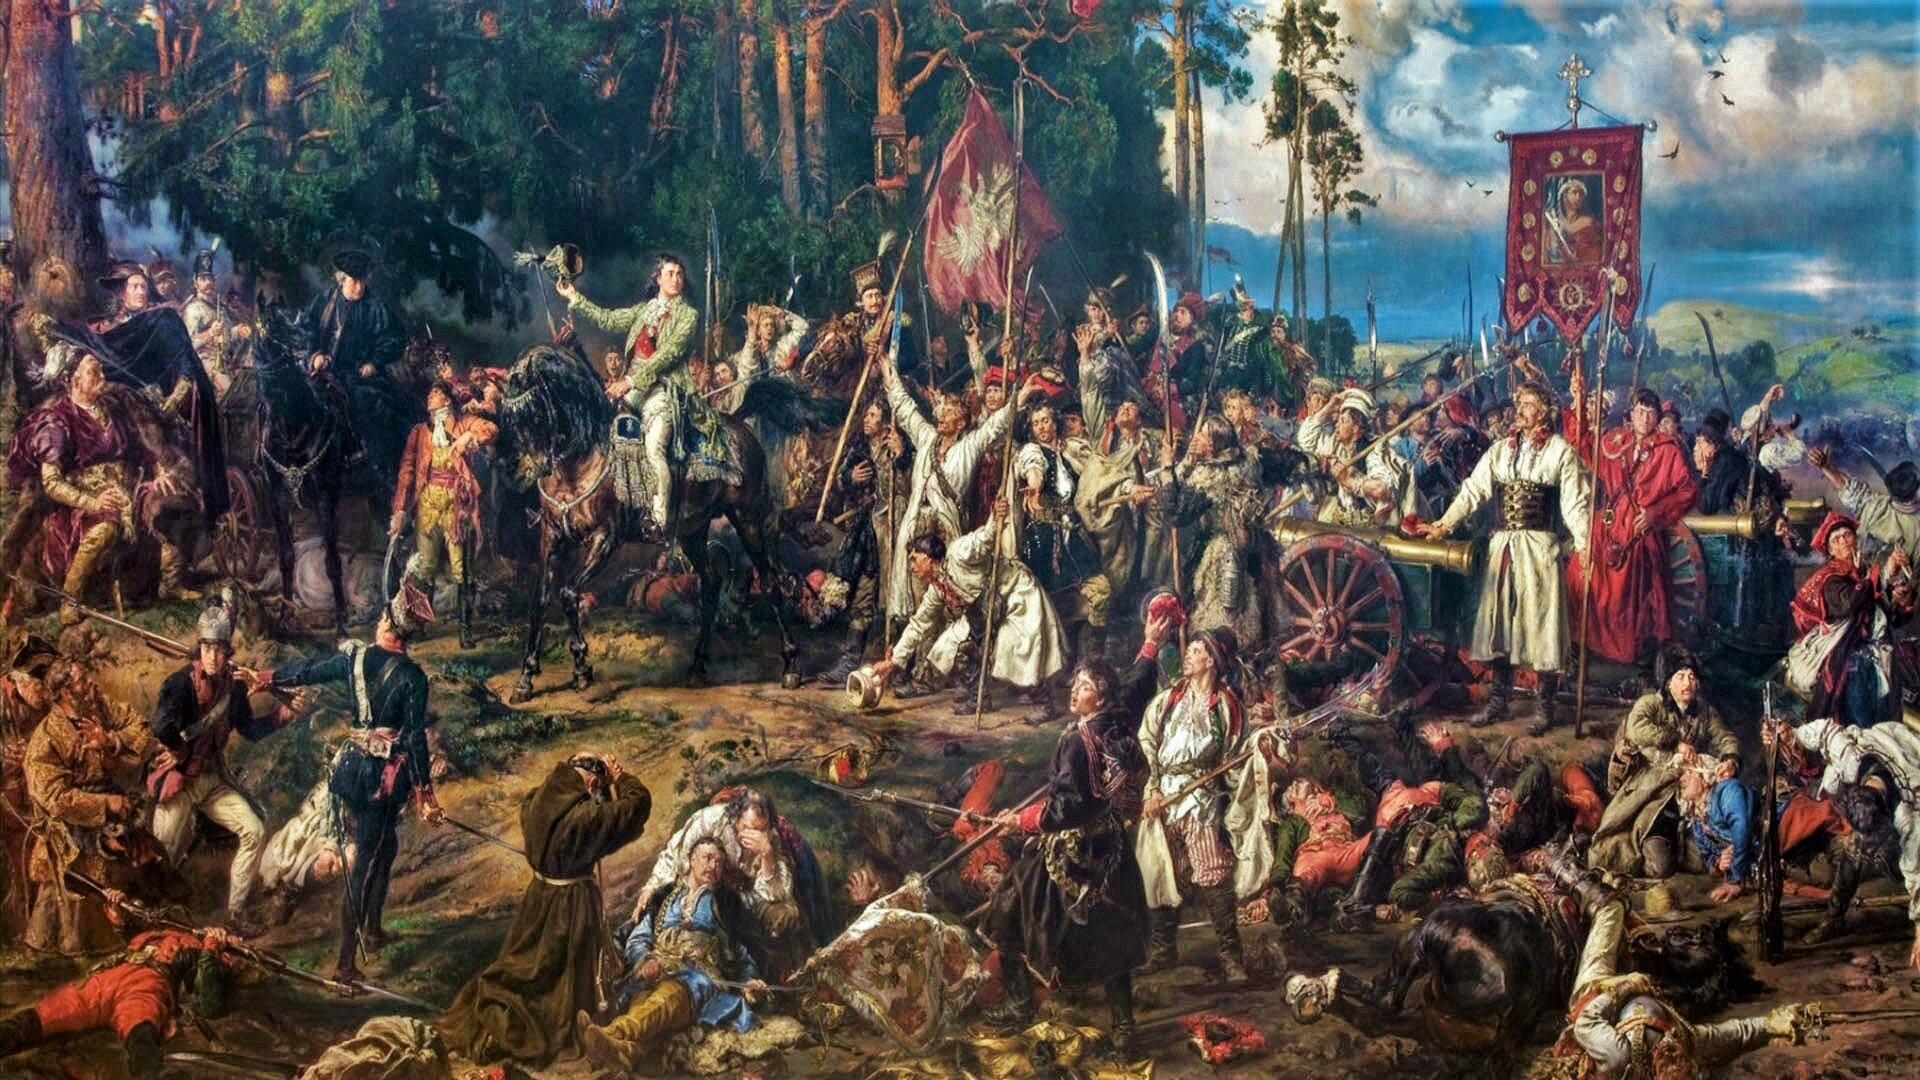 """Ilustracja przedstawia obraz olejny """"Bitwa pod Racławicami"""" autorstwa Jana Matejki. Wielopostaciowa  kompozycja upamiętnia stoczoną w1794 roku bitwę pod Racławicami. Wojska polskie zwarły się wówczas zwojskami rosyjskimi pod dowództwem Tadeusza Kościuszki. Namalowany przez artystę obraz ukazuje scenę po bitwie. Na pierwszym planie znajduje się fragment pola bitewnego zpoległymi irannymi. Wśrodkowej części kompozycji przedstawiony został Kościuszko na koniu, który zdejmując czapkę spogląda na stojącego przy armacie chłopa. Mężczyzną tym jest Bartosz Głowacki, który wsławił się szczególną odwagą na polu bitwy. Scena wypełniona jest tłumem postaci chłopów, żołnierzy iszlachty, pośrodku których stoi człowiek wbiałej sukmanie zchorągwią zpolskim białym orłem. Na drugim planie, artysta namalował potężne drzewa osoczyście zielonych koronach, za którymi po prawej stronie rozpościera się panorama pagórkowatych pól ze zwisającym nad nimi pochmurnym niebem."""